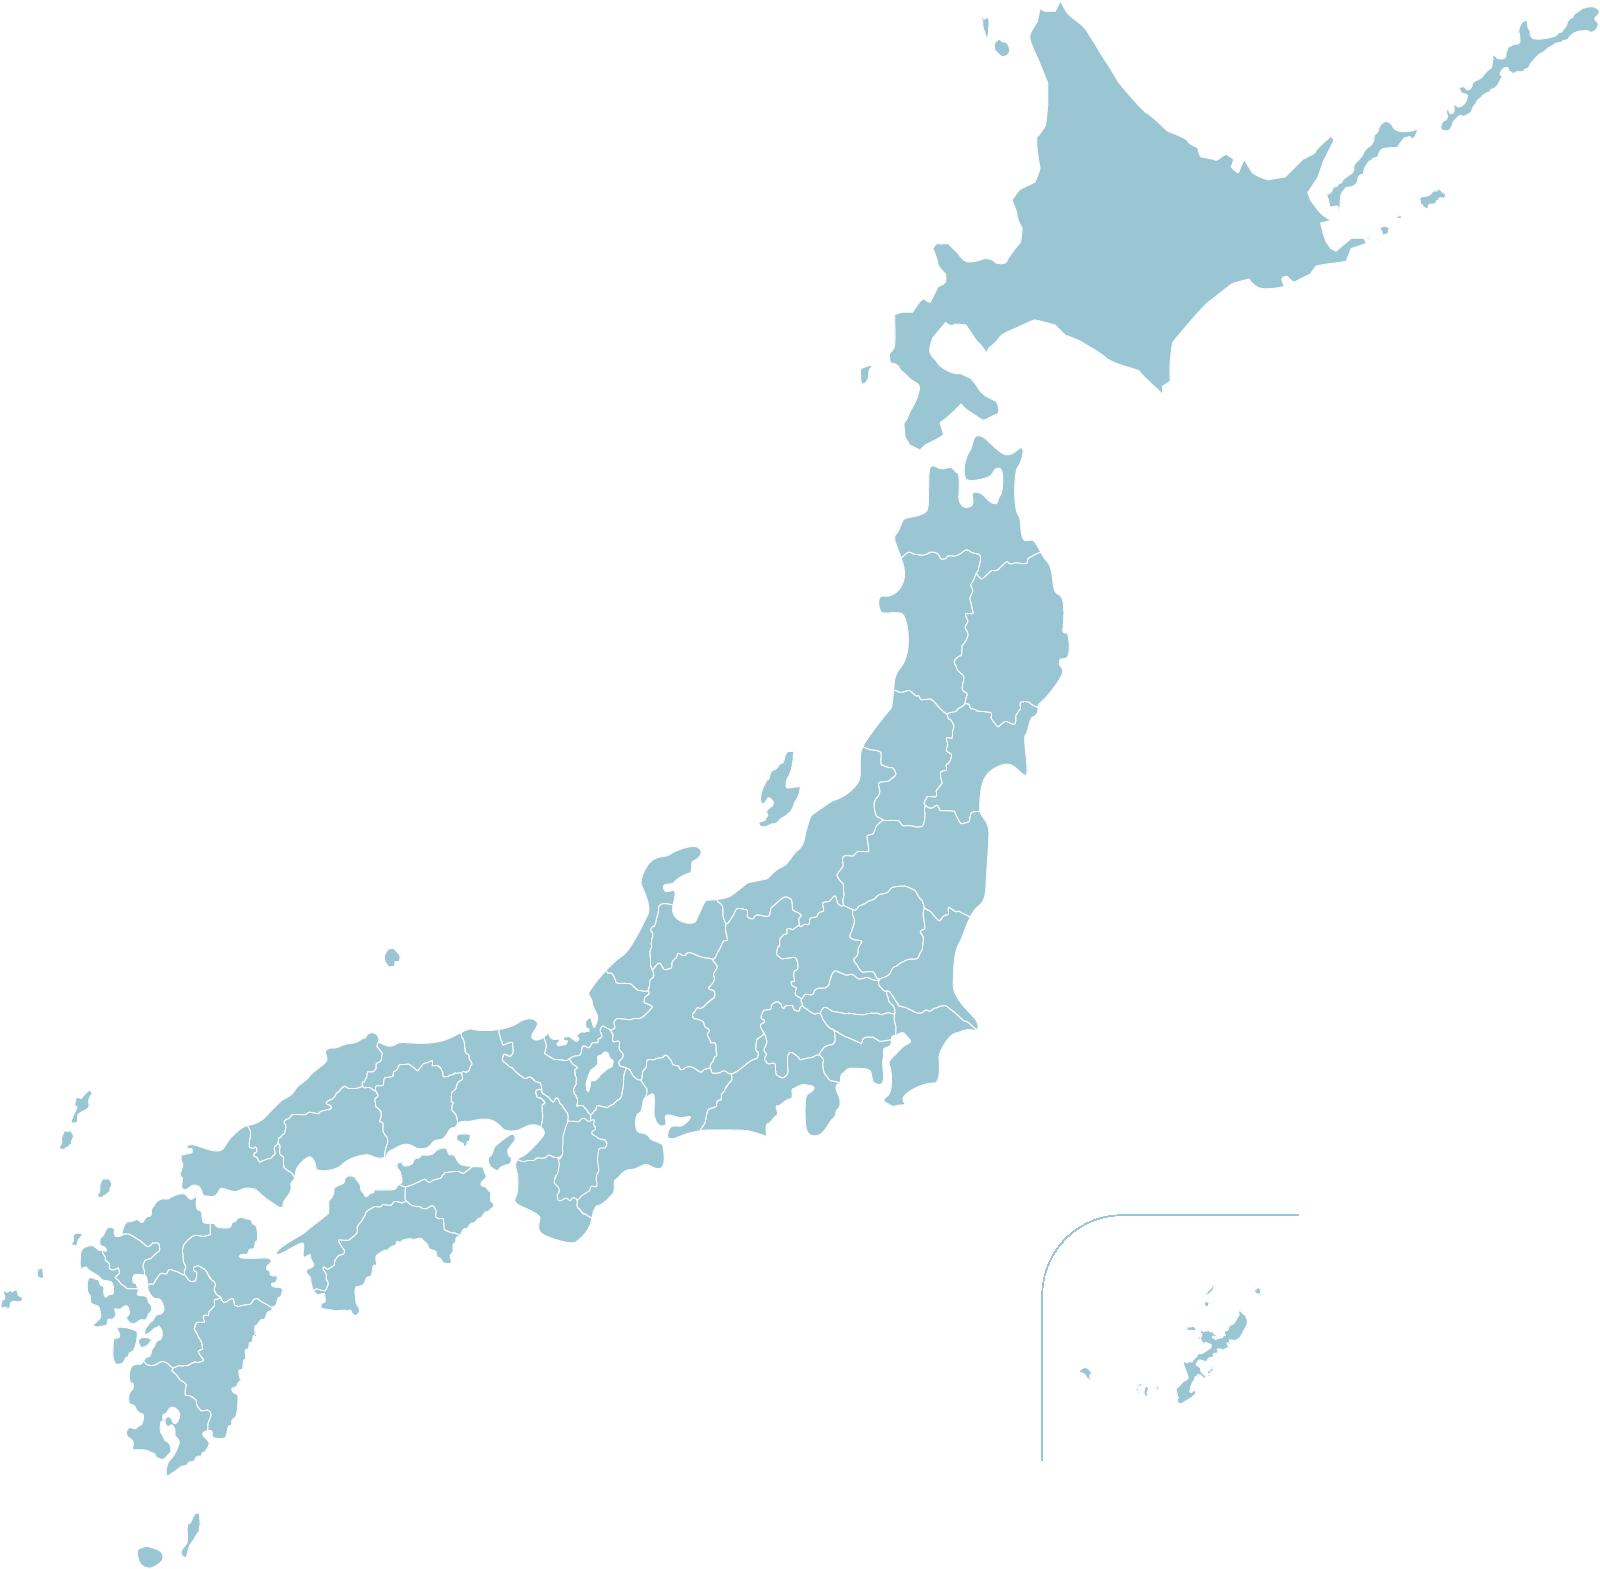 日本地図のイラスト(水色)